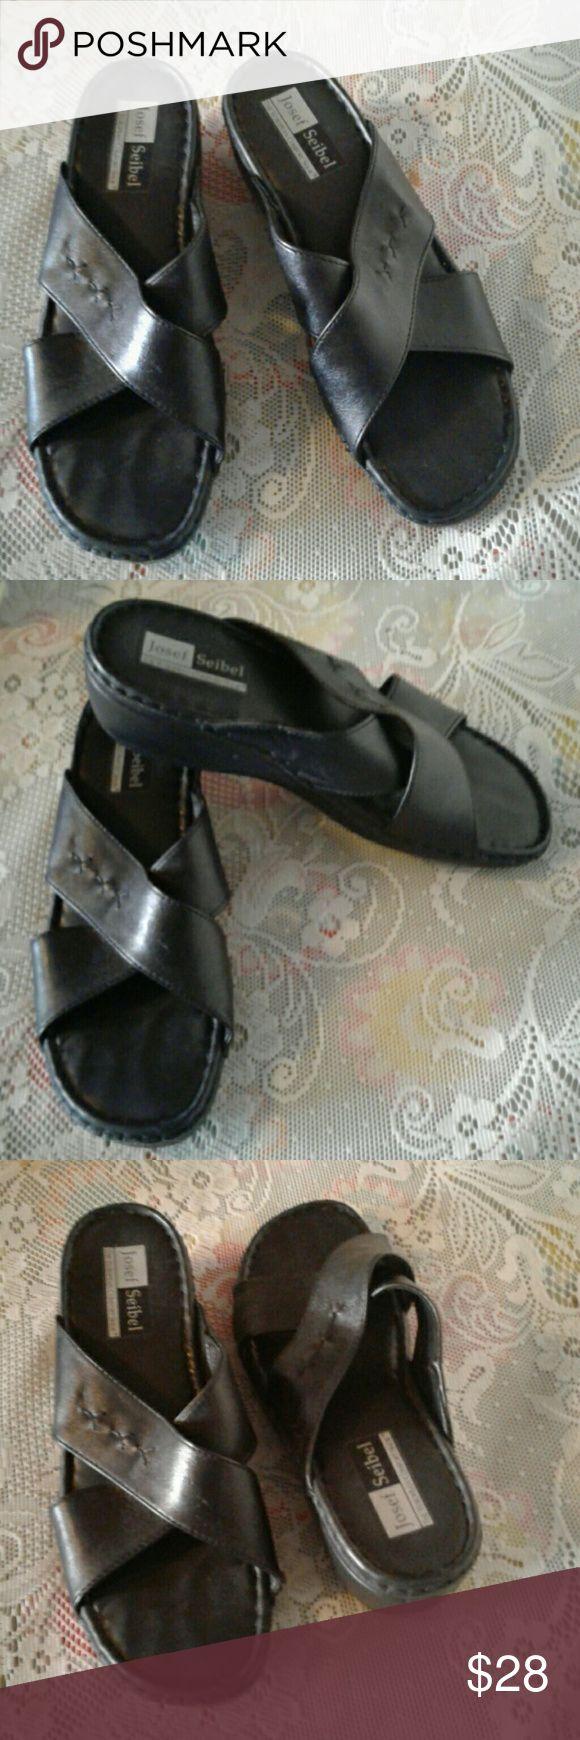 European sandals shoes - Josef Seibel Black Leather Criss Cross Mules Sz 40 The European Comfort Shoe Features Decorative